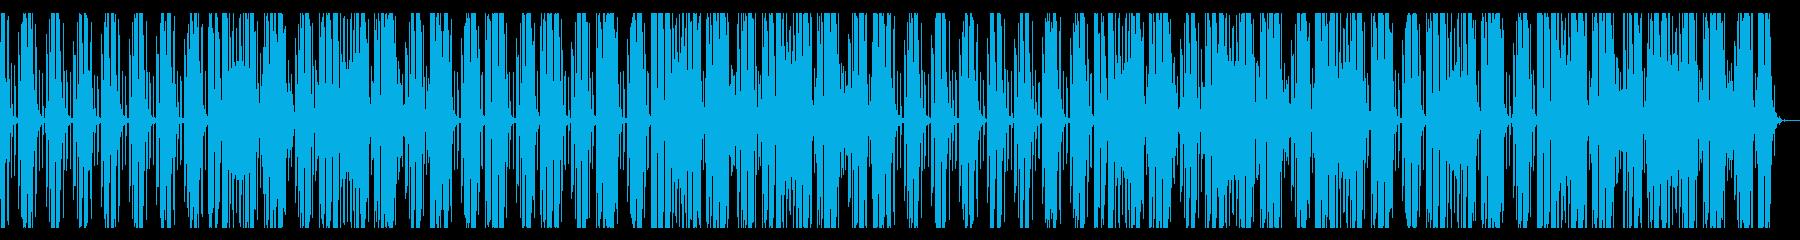 おしゃれなバーをイメージしたBGMの再生済みの波形